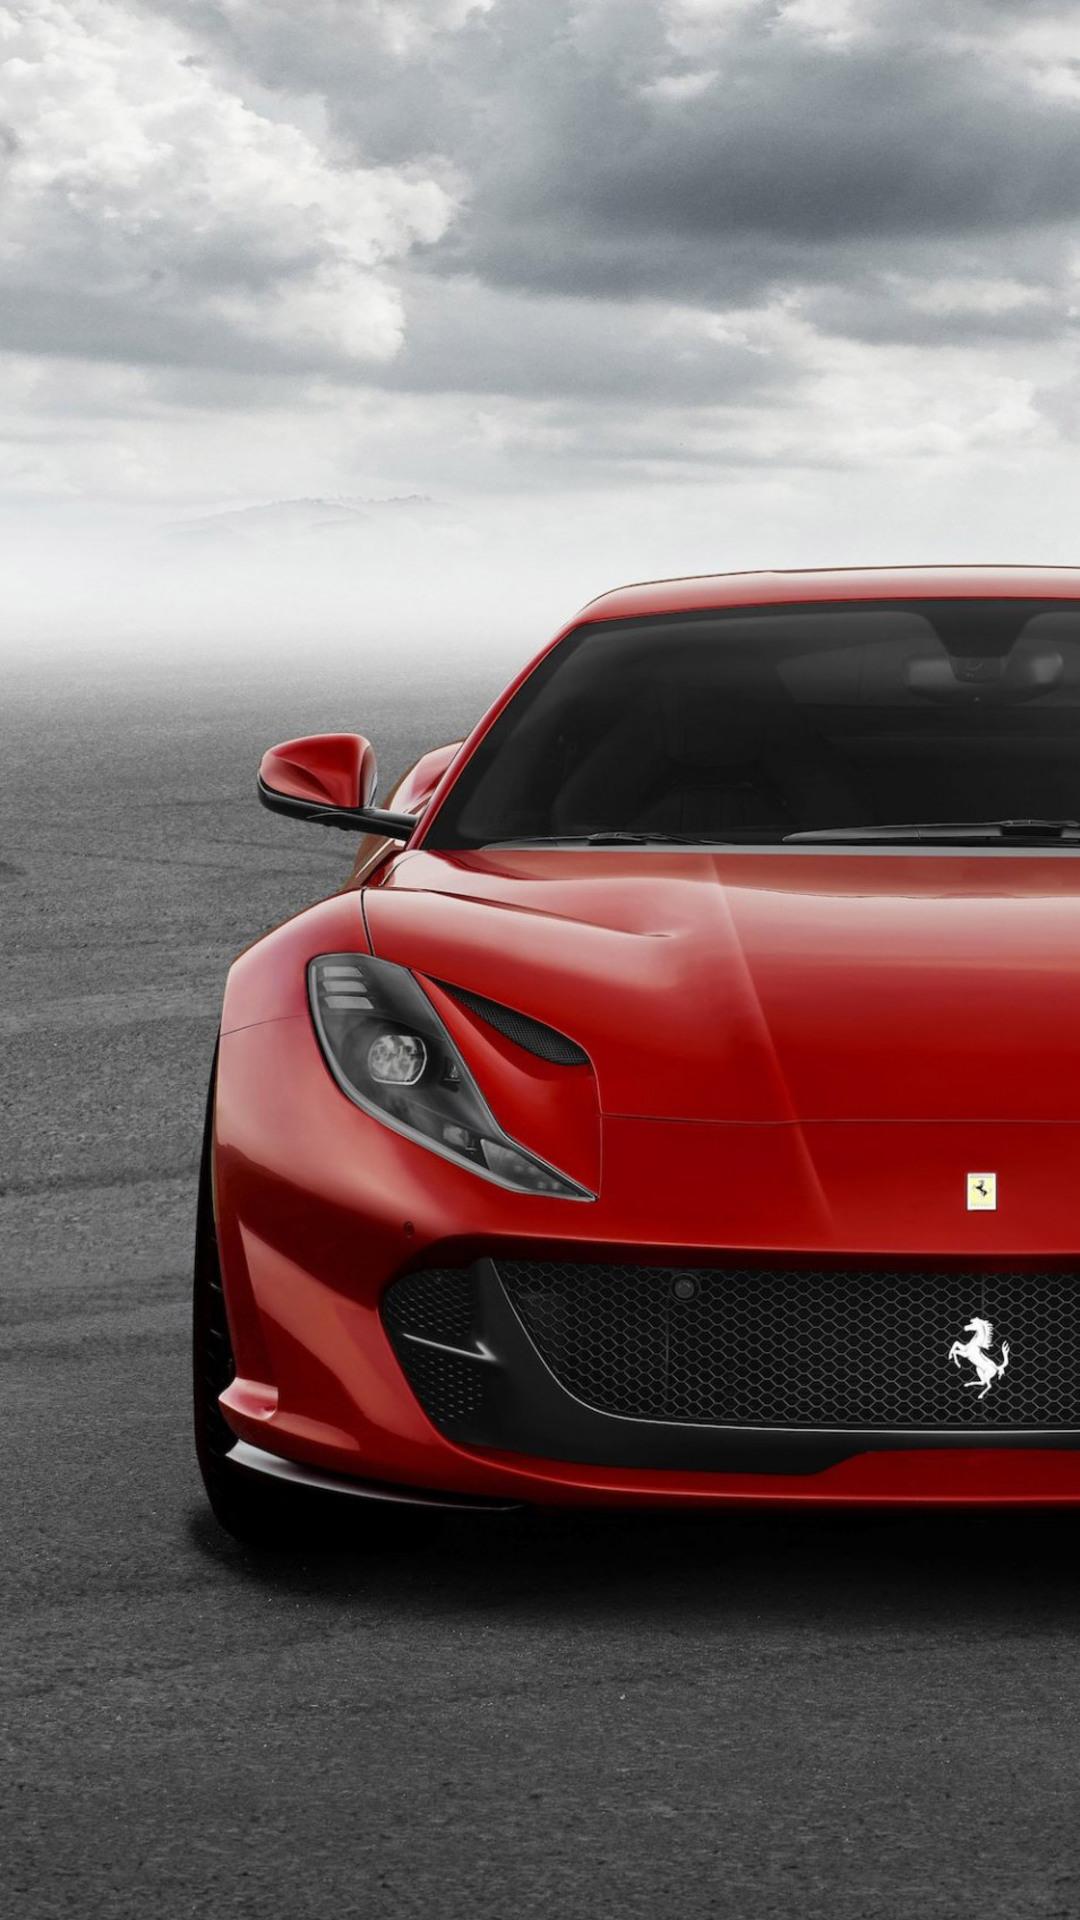 Get 2018 Ferrari Wallpaper  Pics